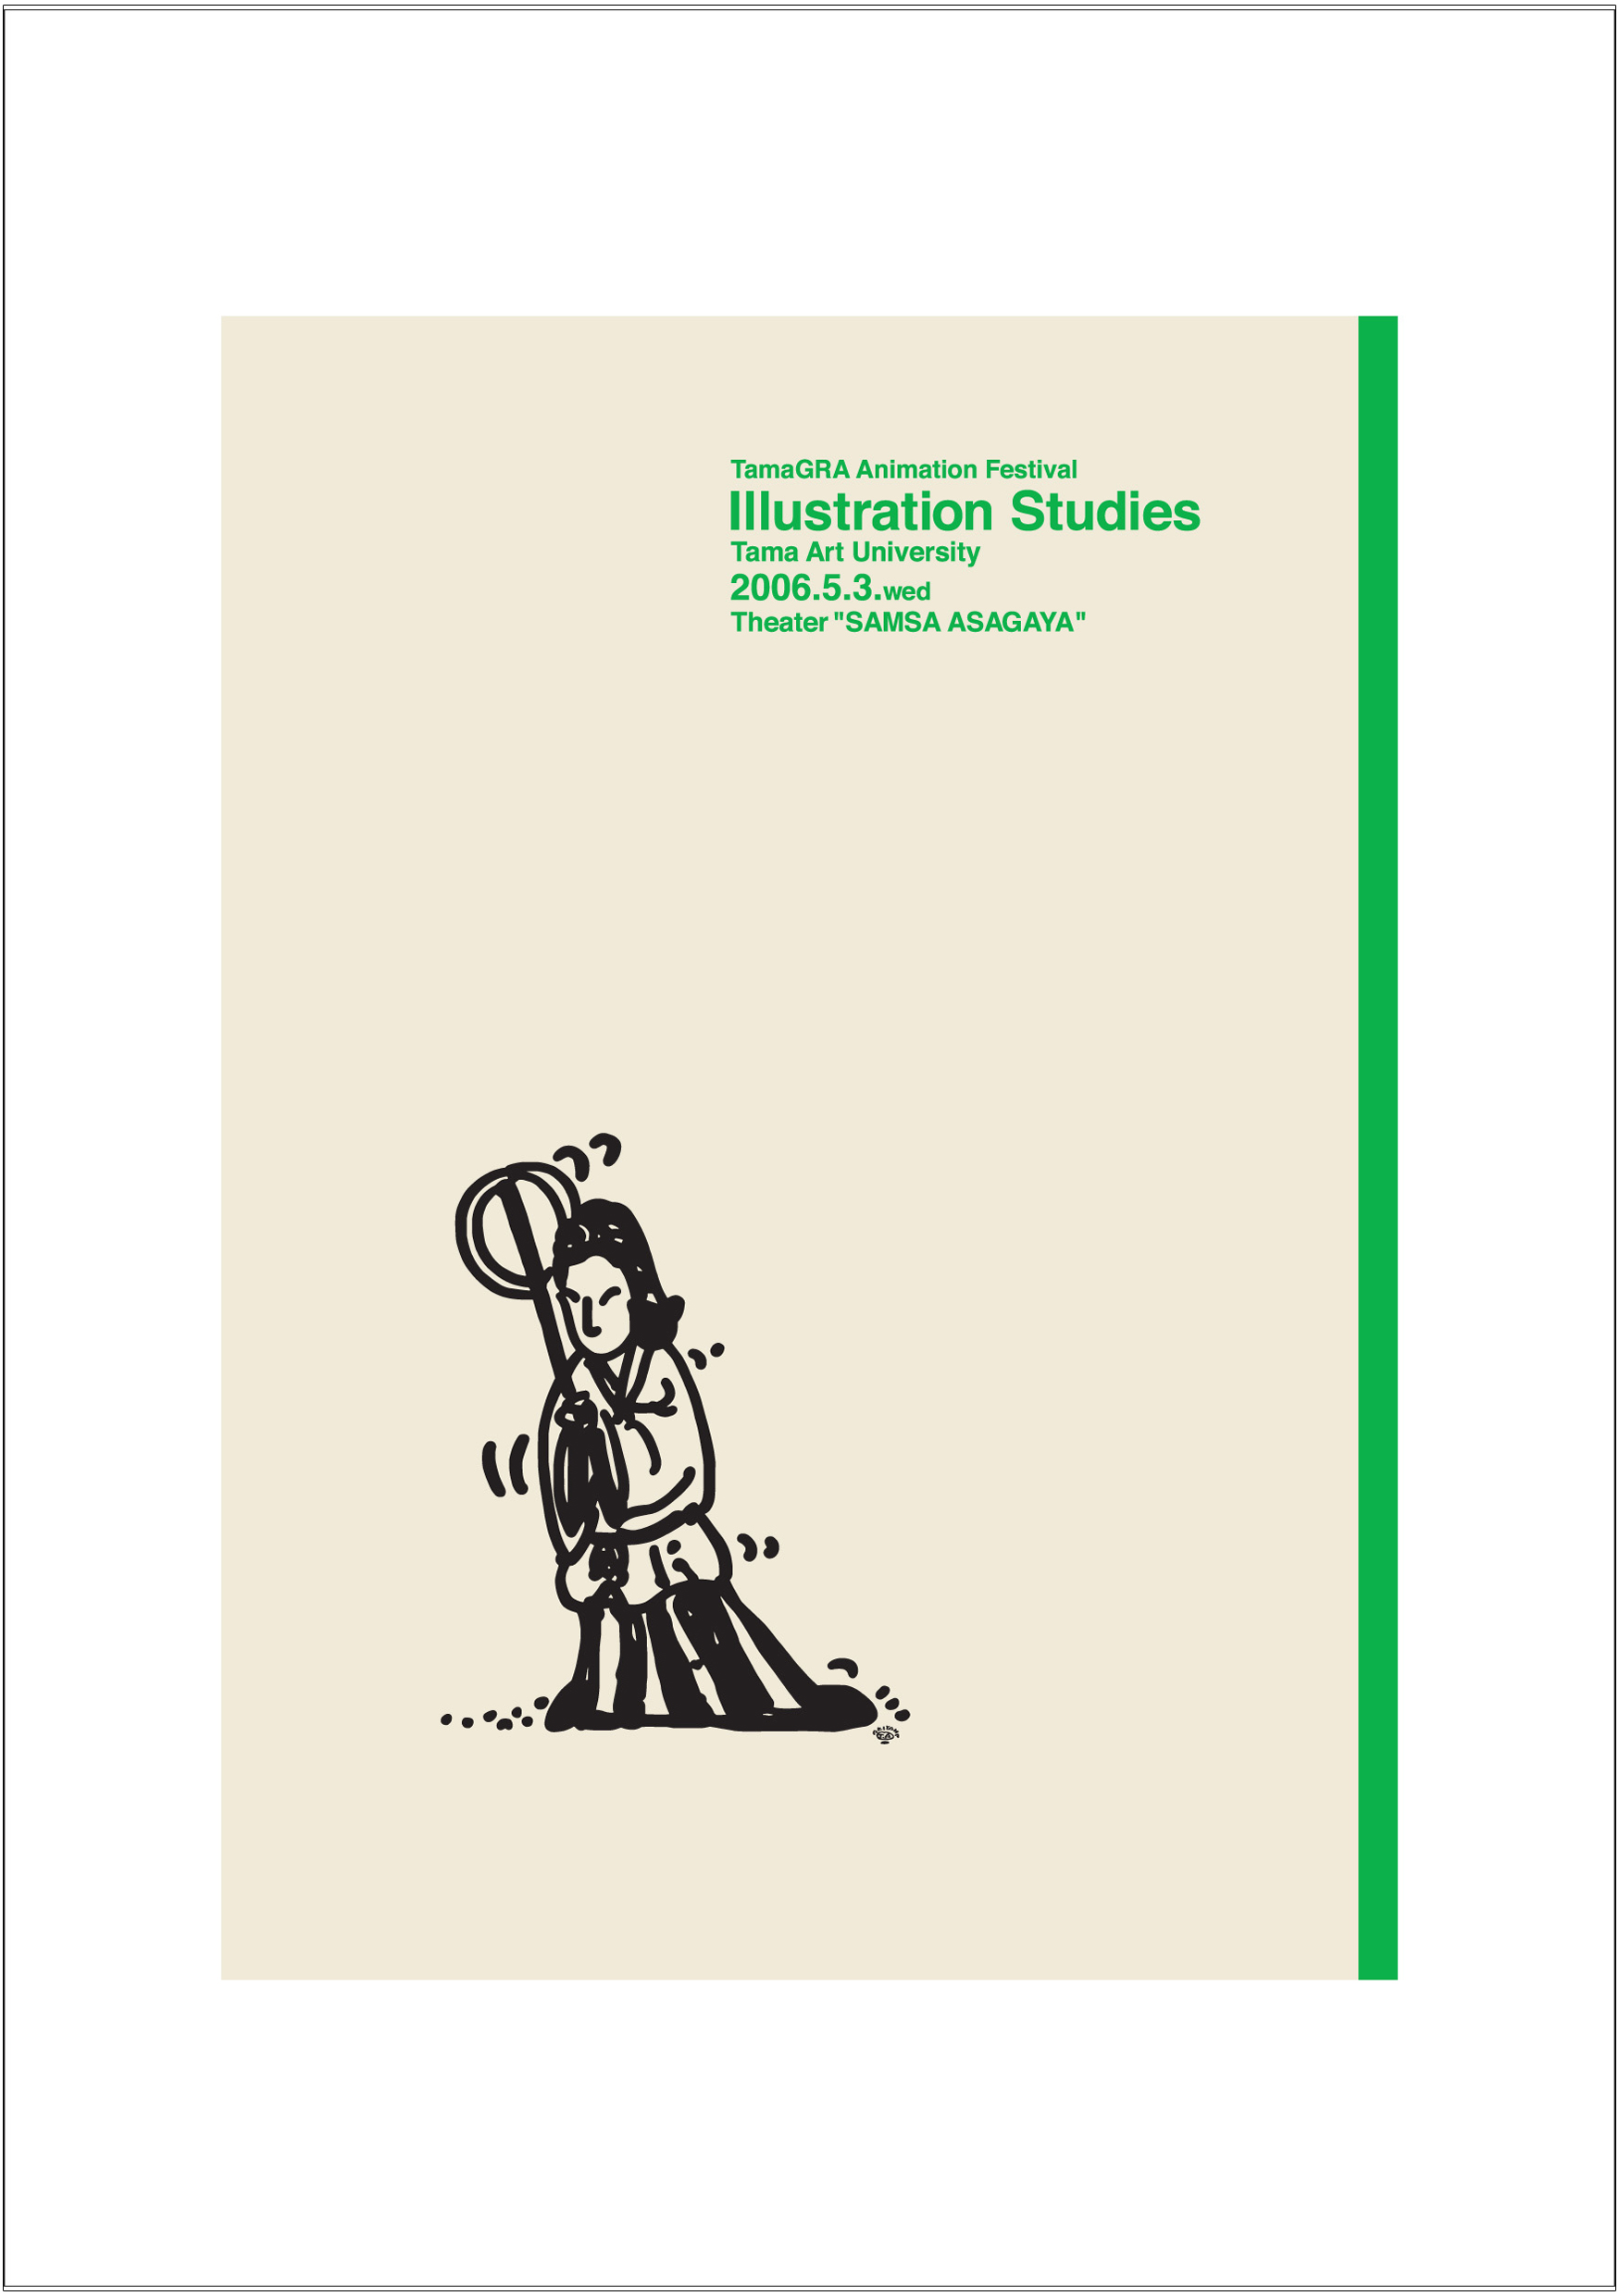 ポスターアーティスト秋山孝が2006年に制作したアートカード「アートカード ポスター 2006 02」